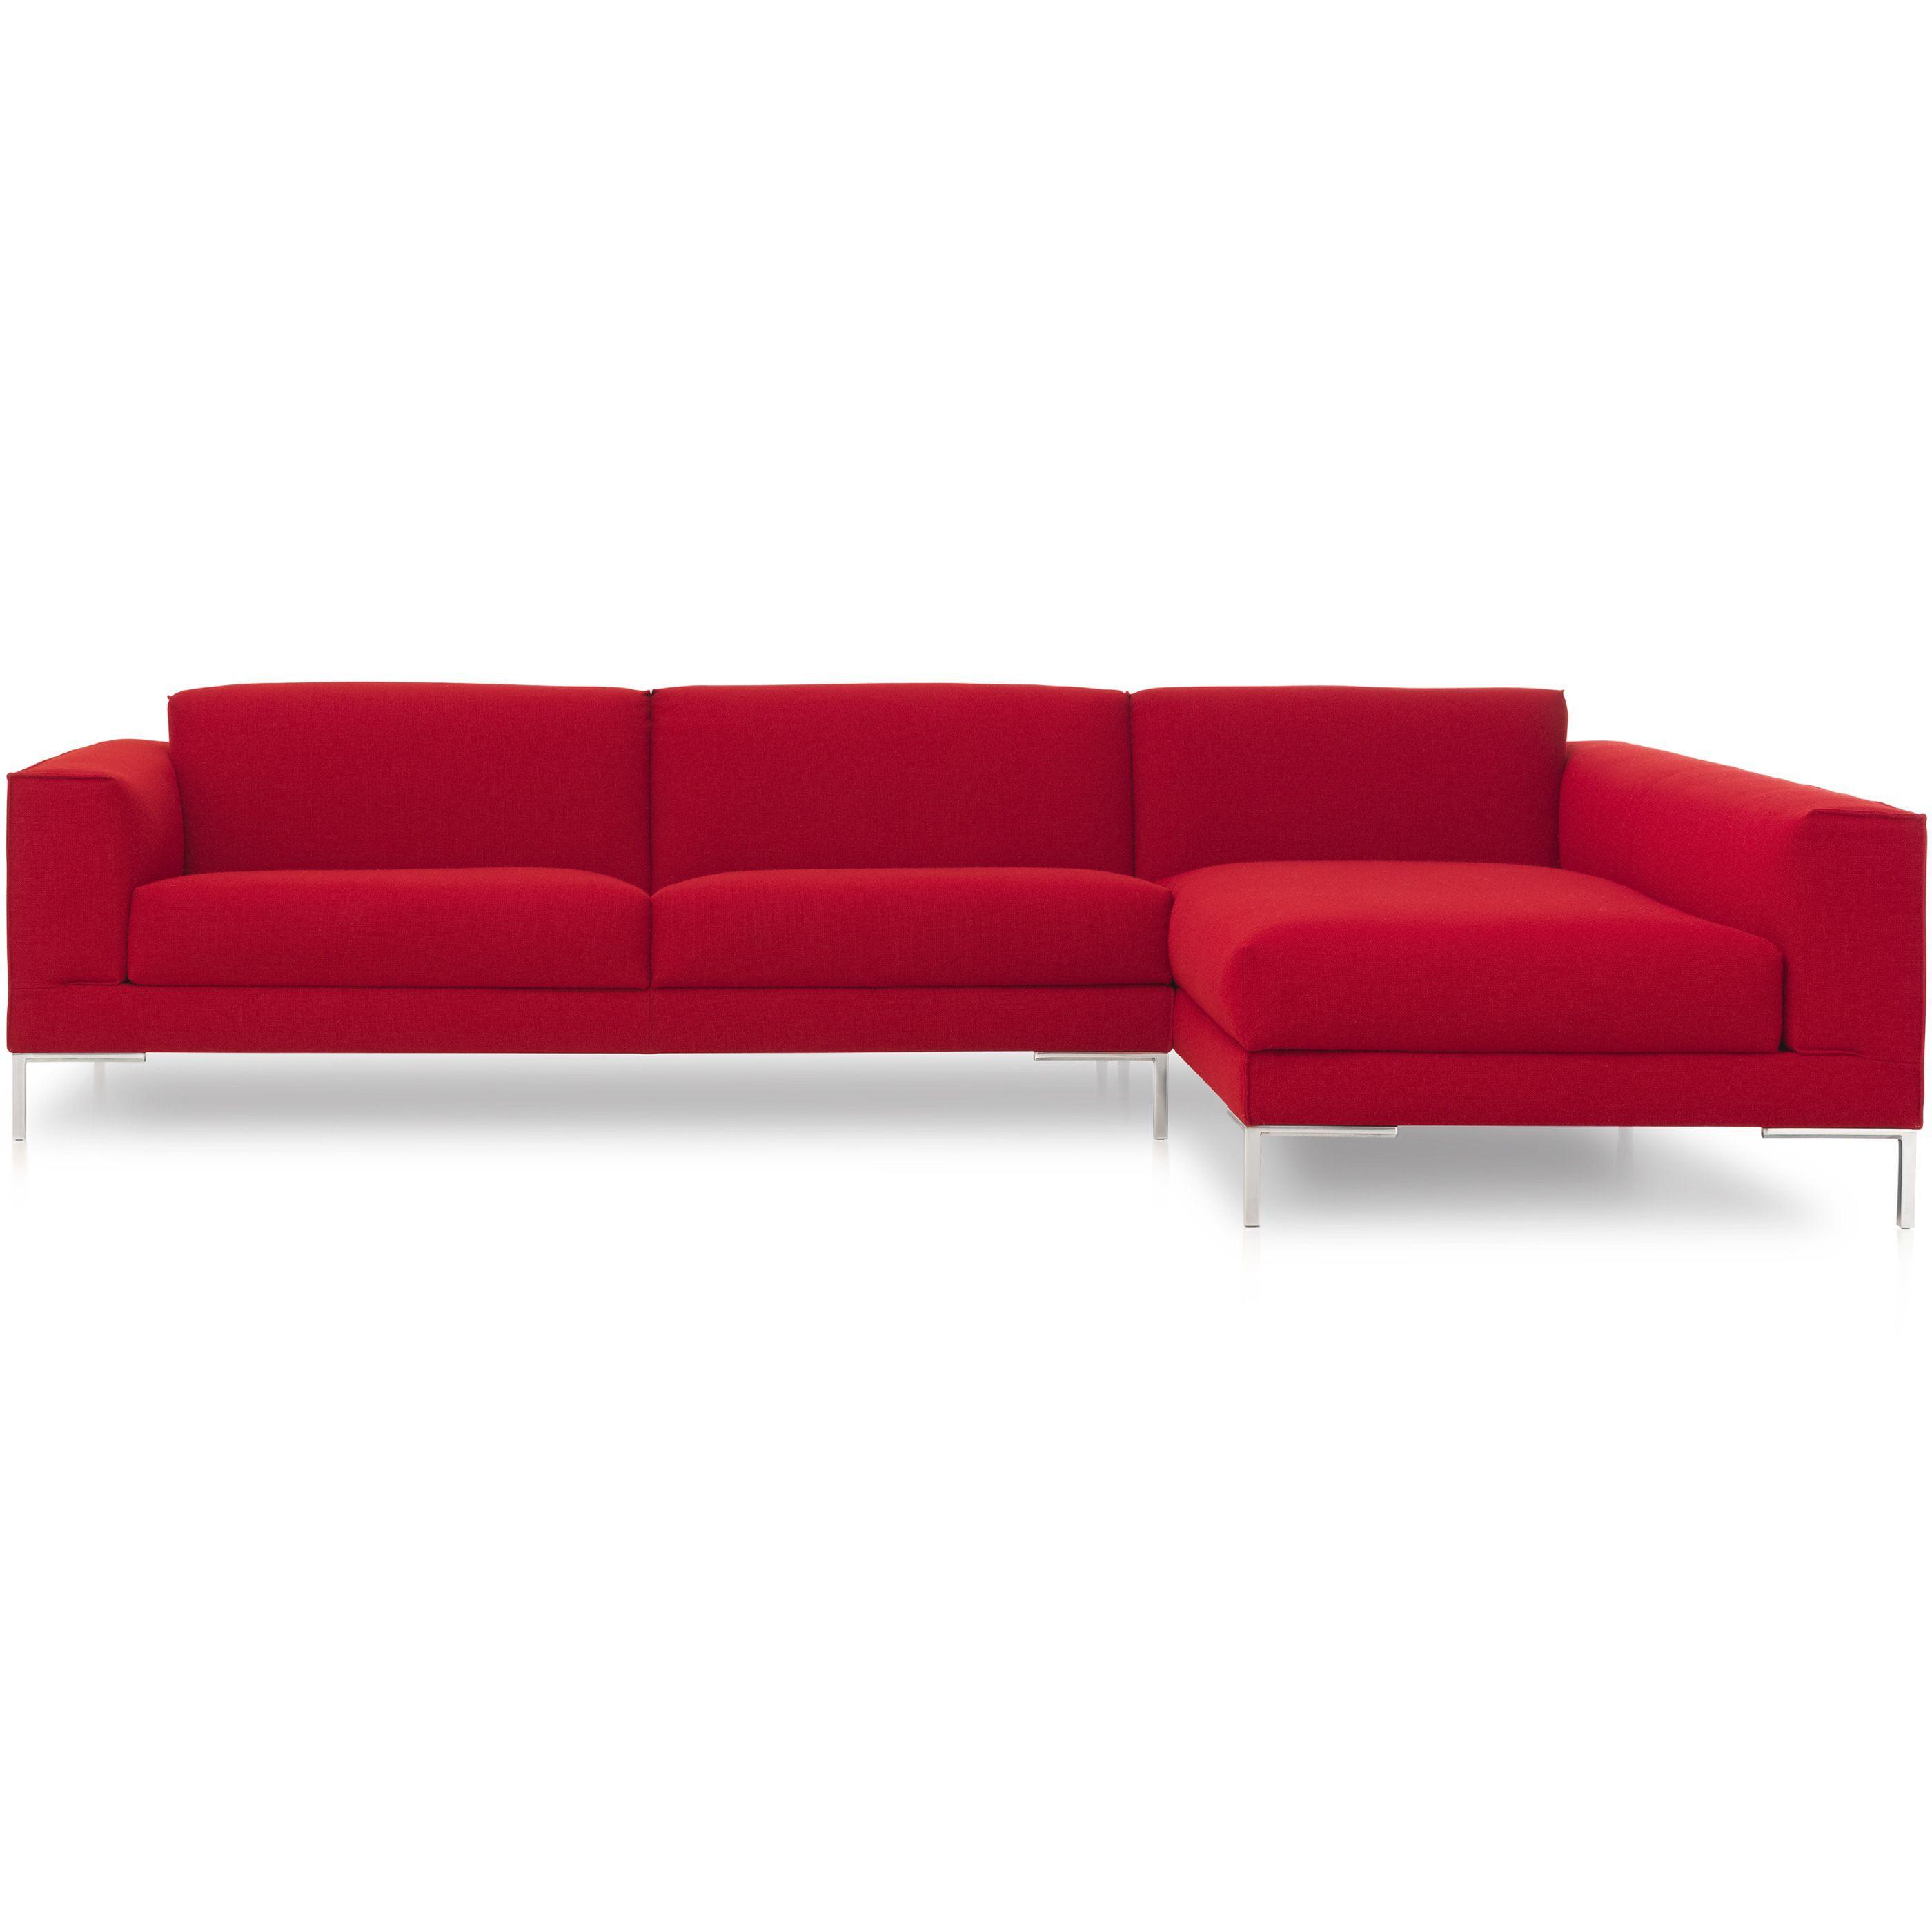 Tremendous Design On Stock Aikon Bank 3 Zits 1 Arm Chaise Longue Machost Co Dining Chair Design Ideas Machostcouk